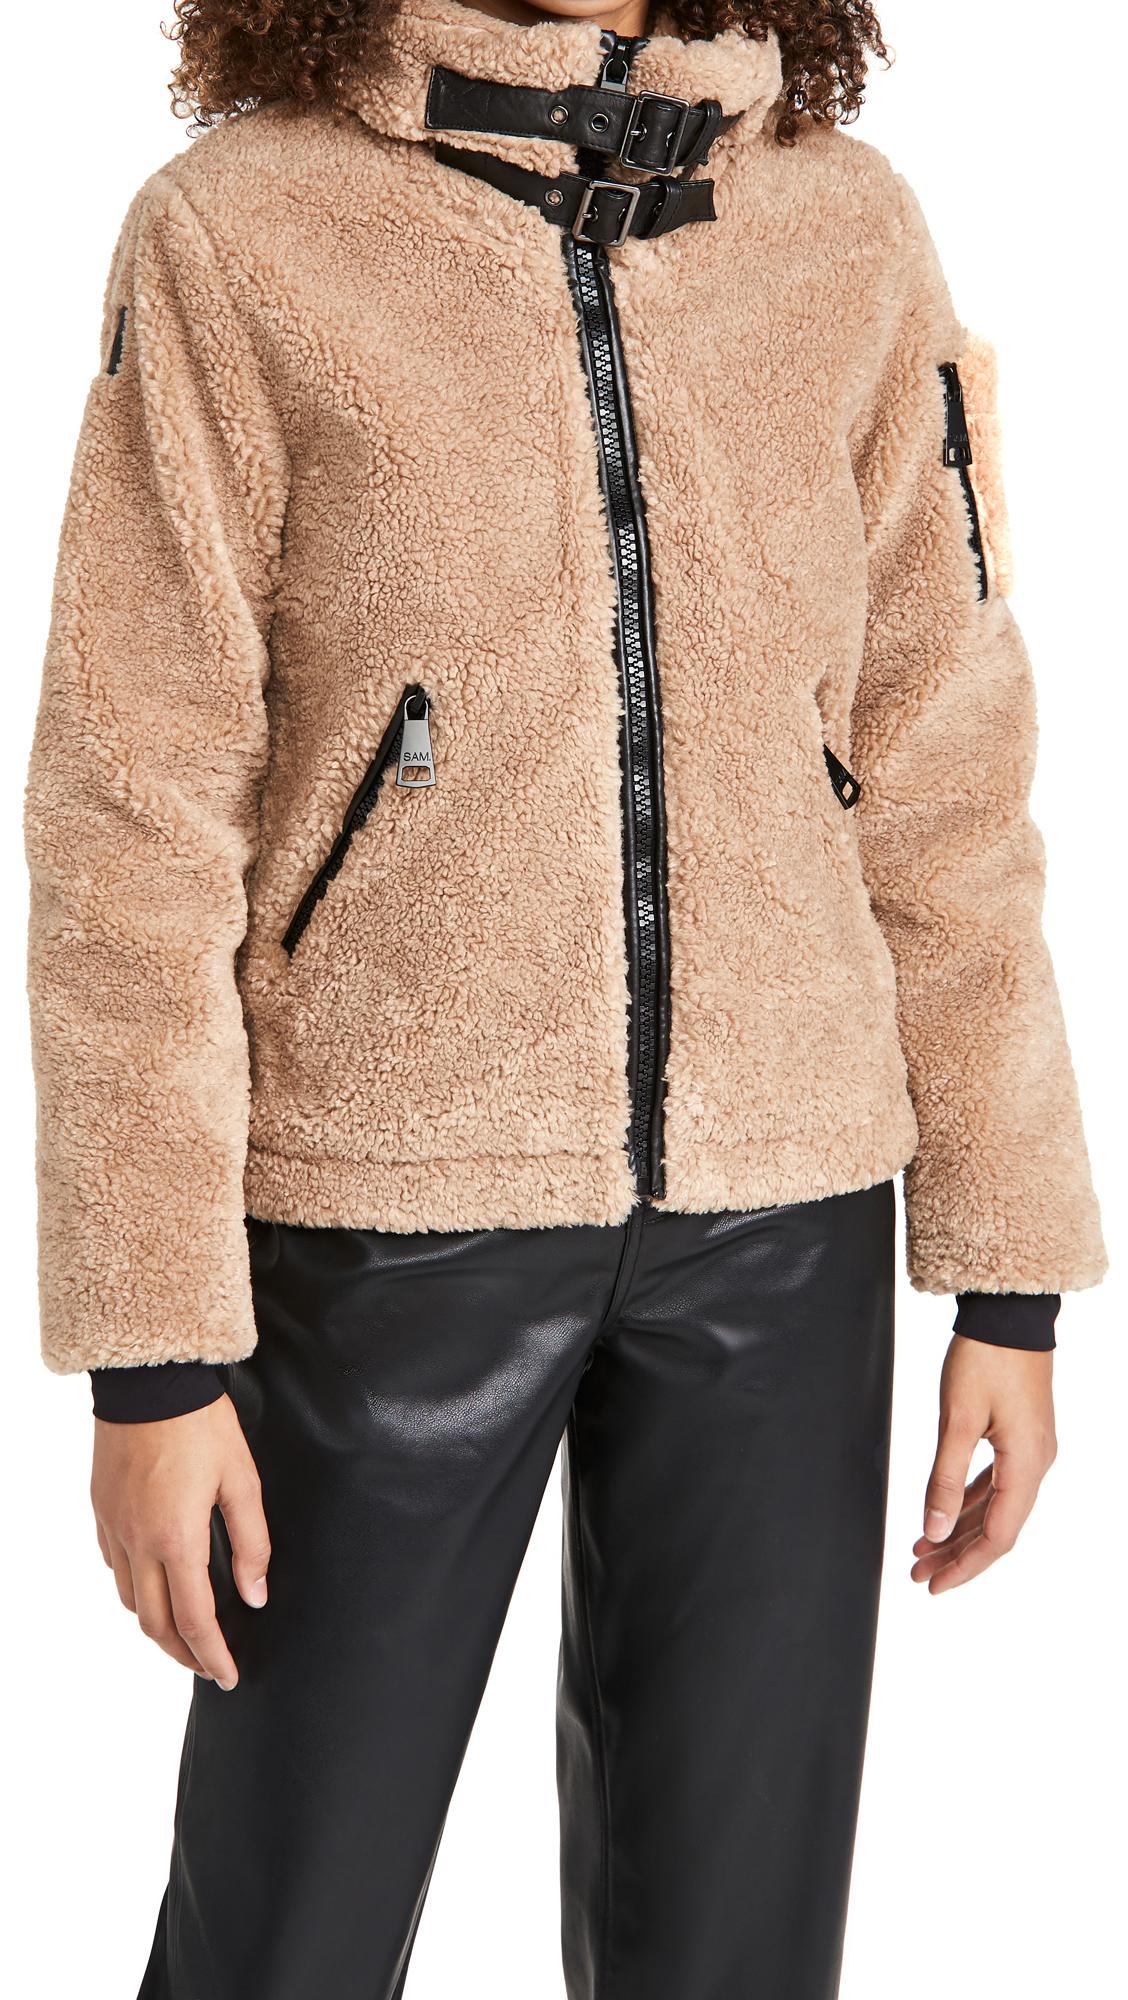 SAM. Denver Sherpa Jacket